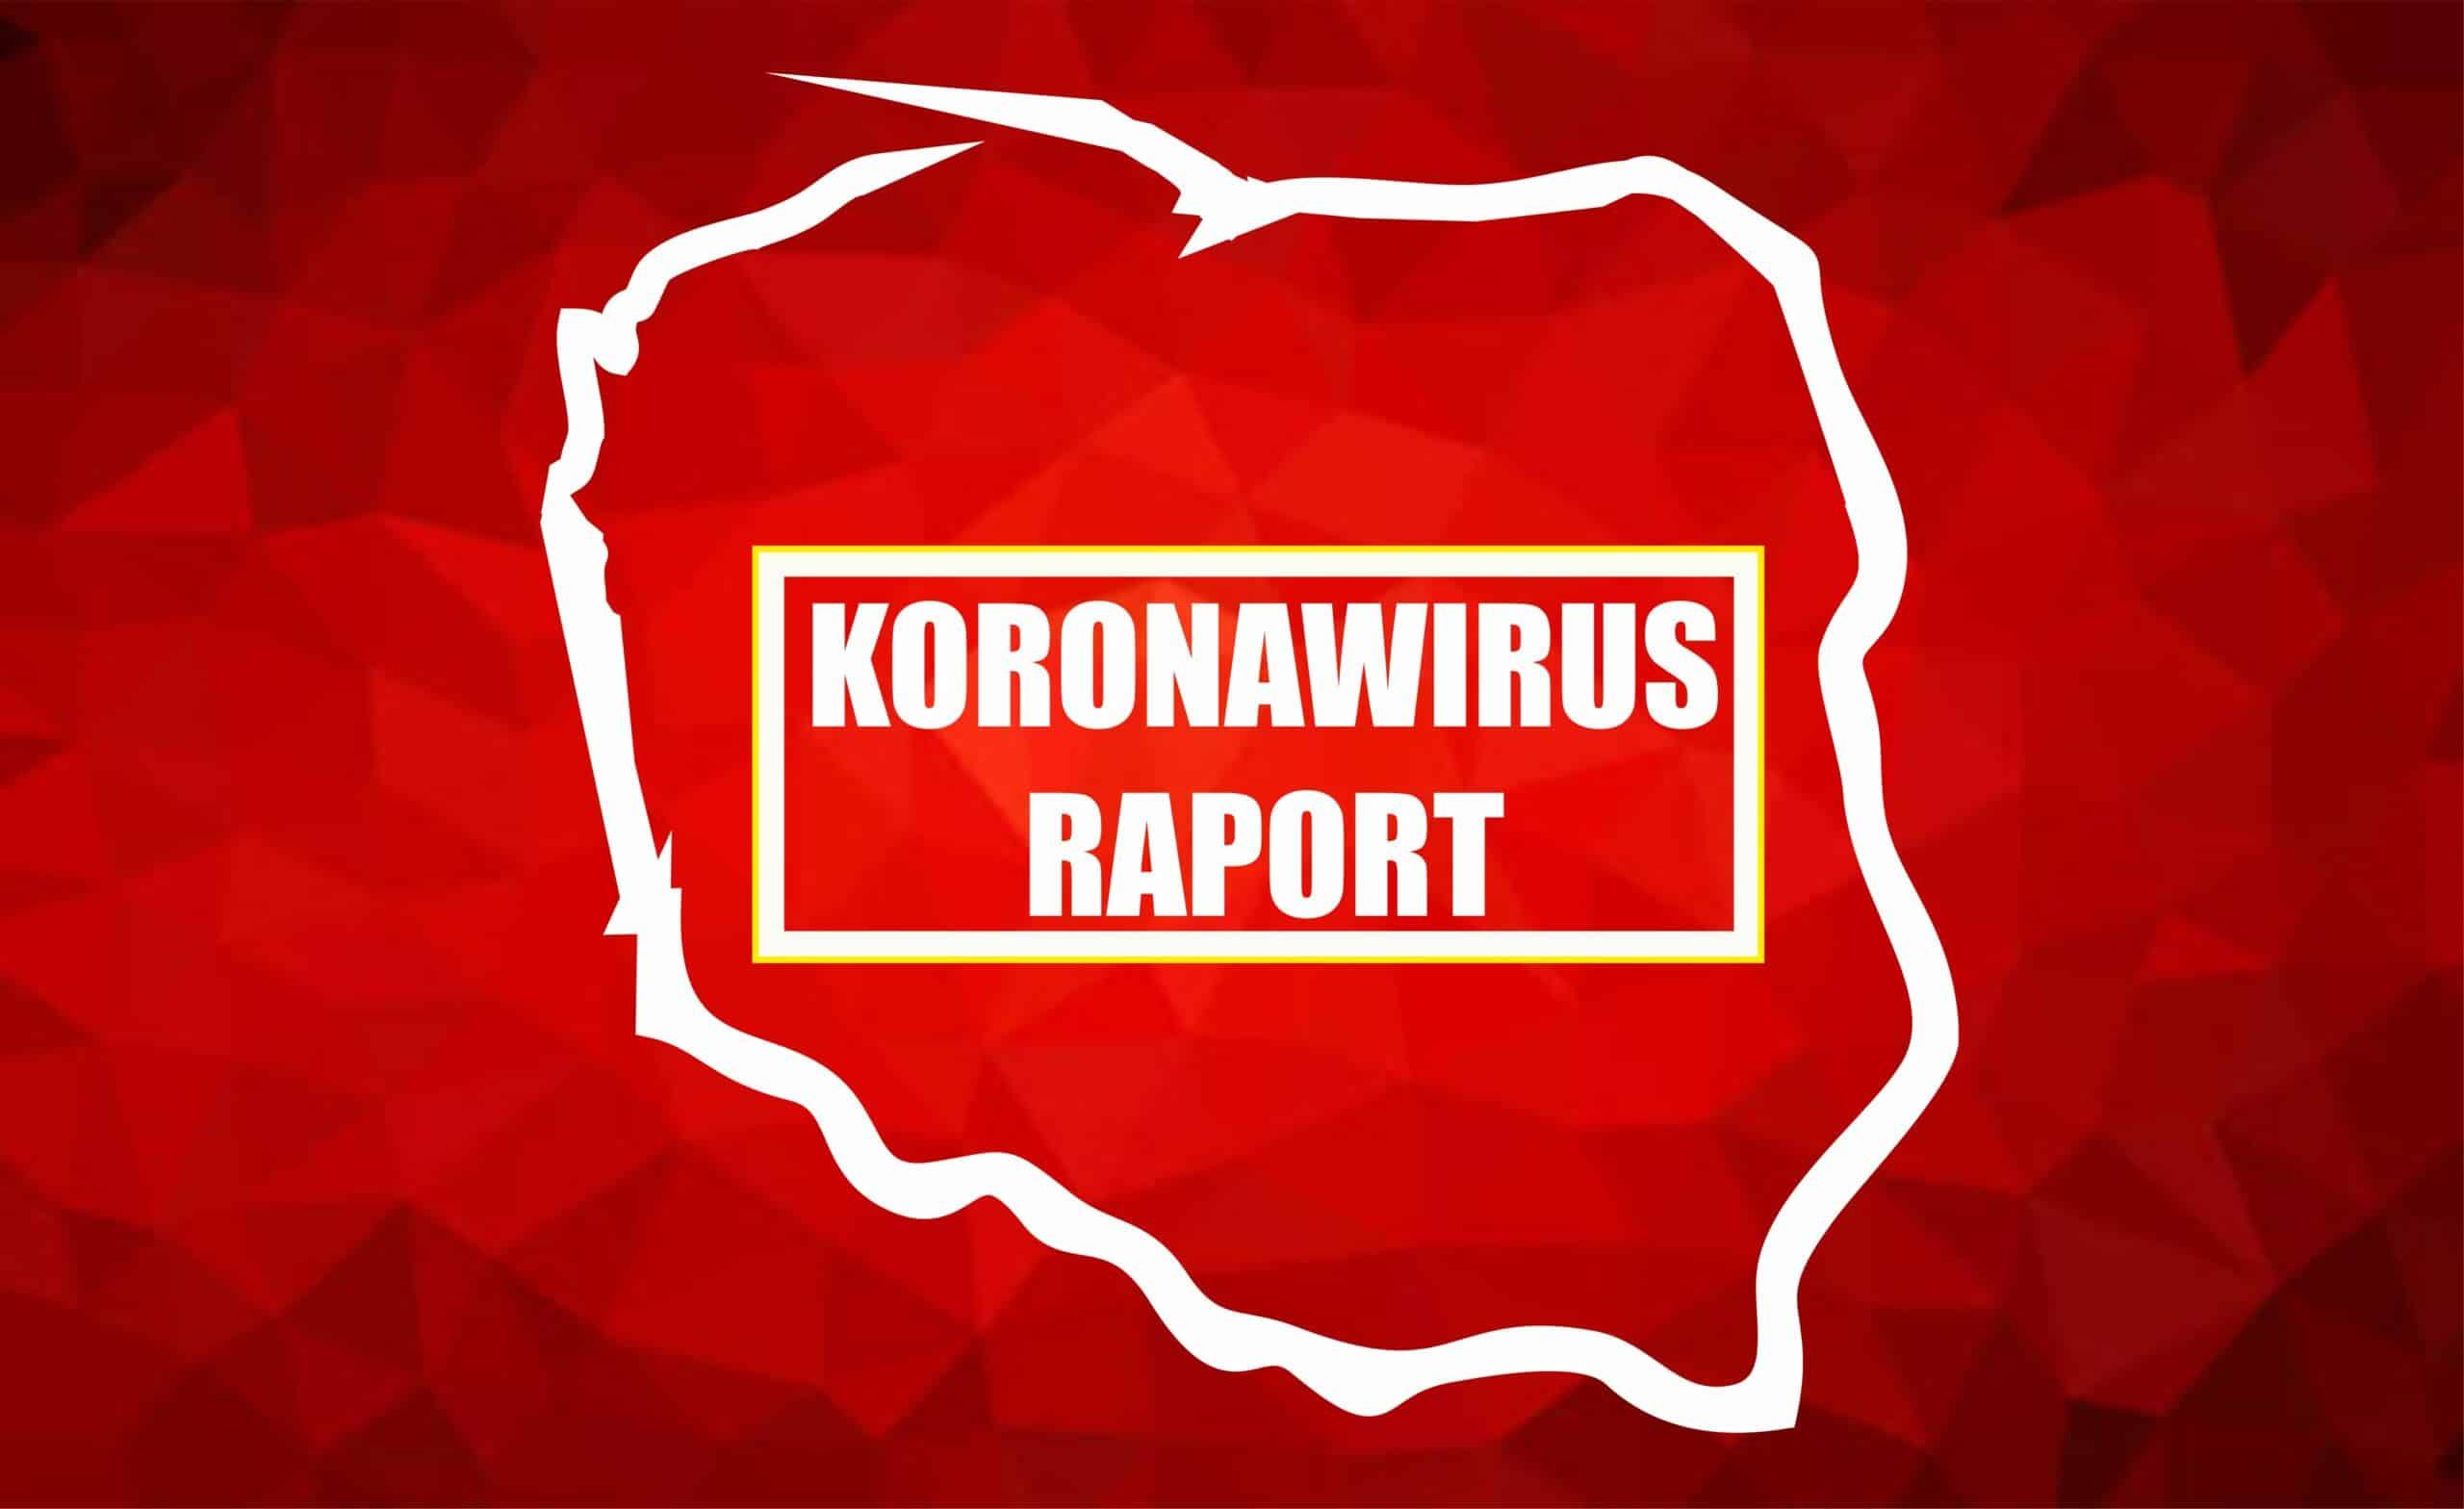 Koronawirus w Polsce: Ministerstwo Zdrowia potwierdziło kolejne przypadki, w poniedziałek nastąpiła rekordowa liczba zgonów na COVID-19, również coraz więcej zakażonych.